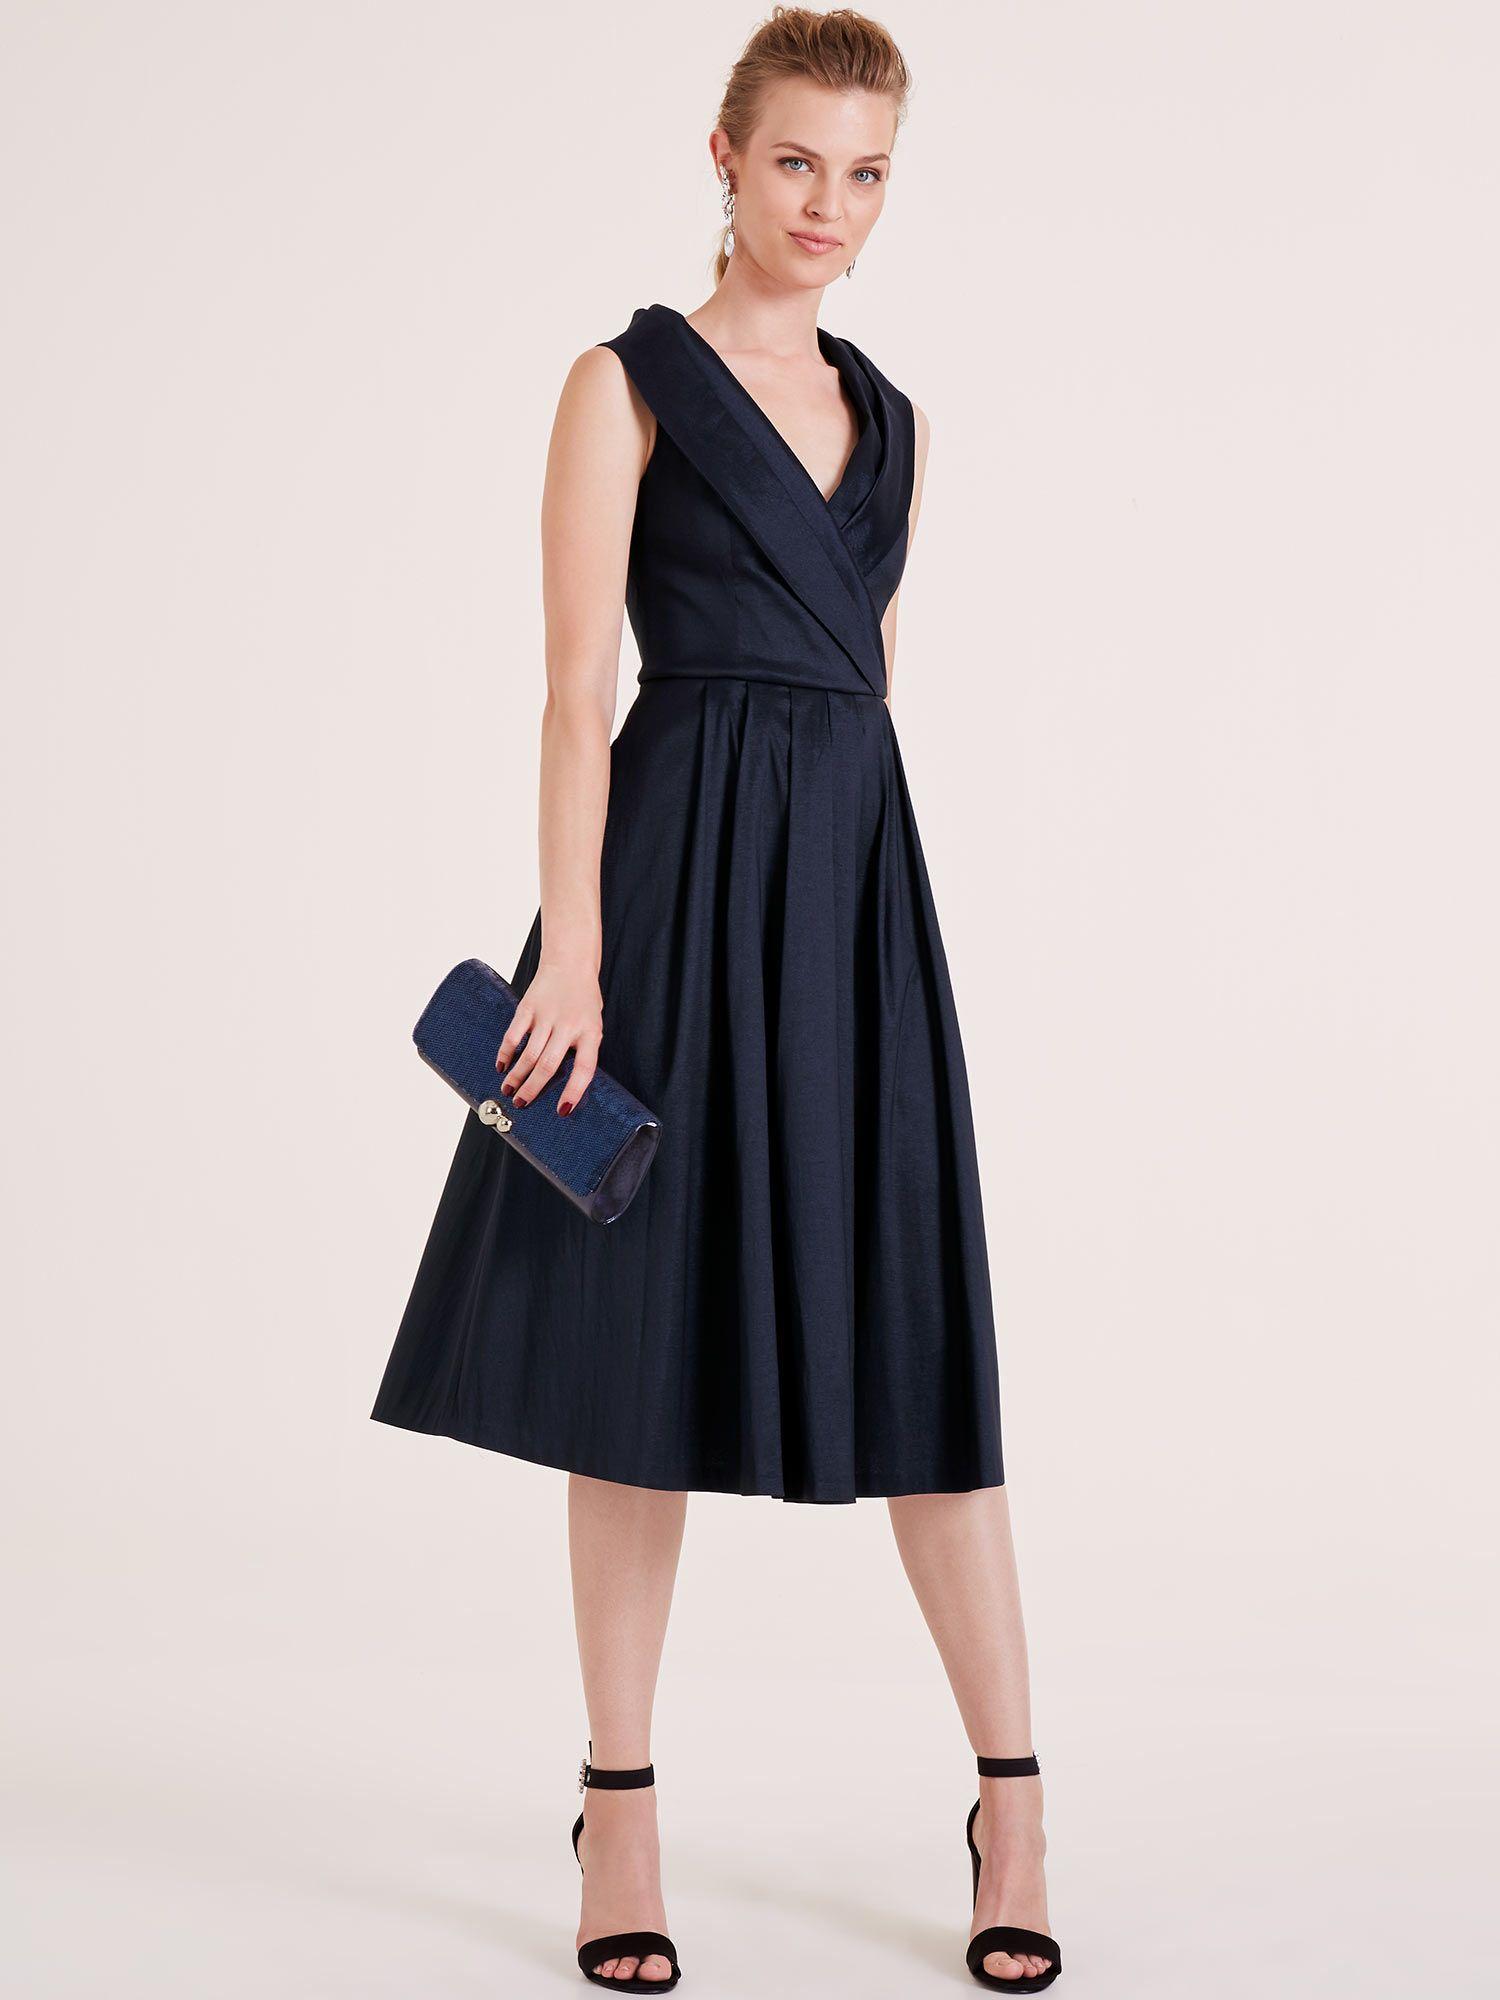 Kleid Für Hochzeitsfeier : kleid f r hochzeitsfeier hochzeitskleider kleid hochzeit kleider und funkelnde kleider ~ Watch28wear.com Haus und Dekorationen